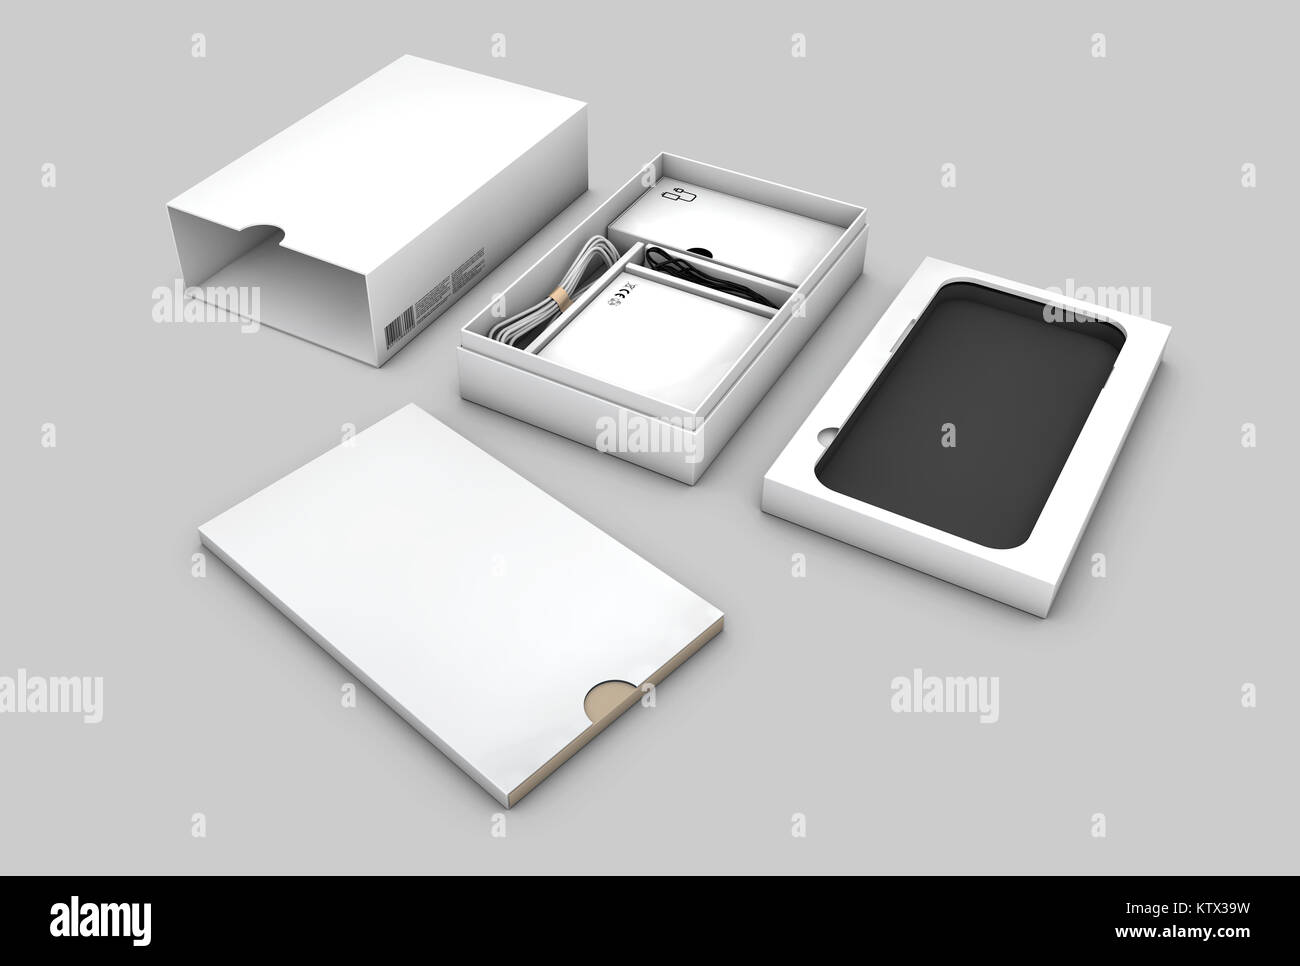 Vuoto In Confezione Aperta Package Per Telefono Cellulare Isolato Su